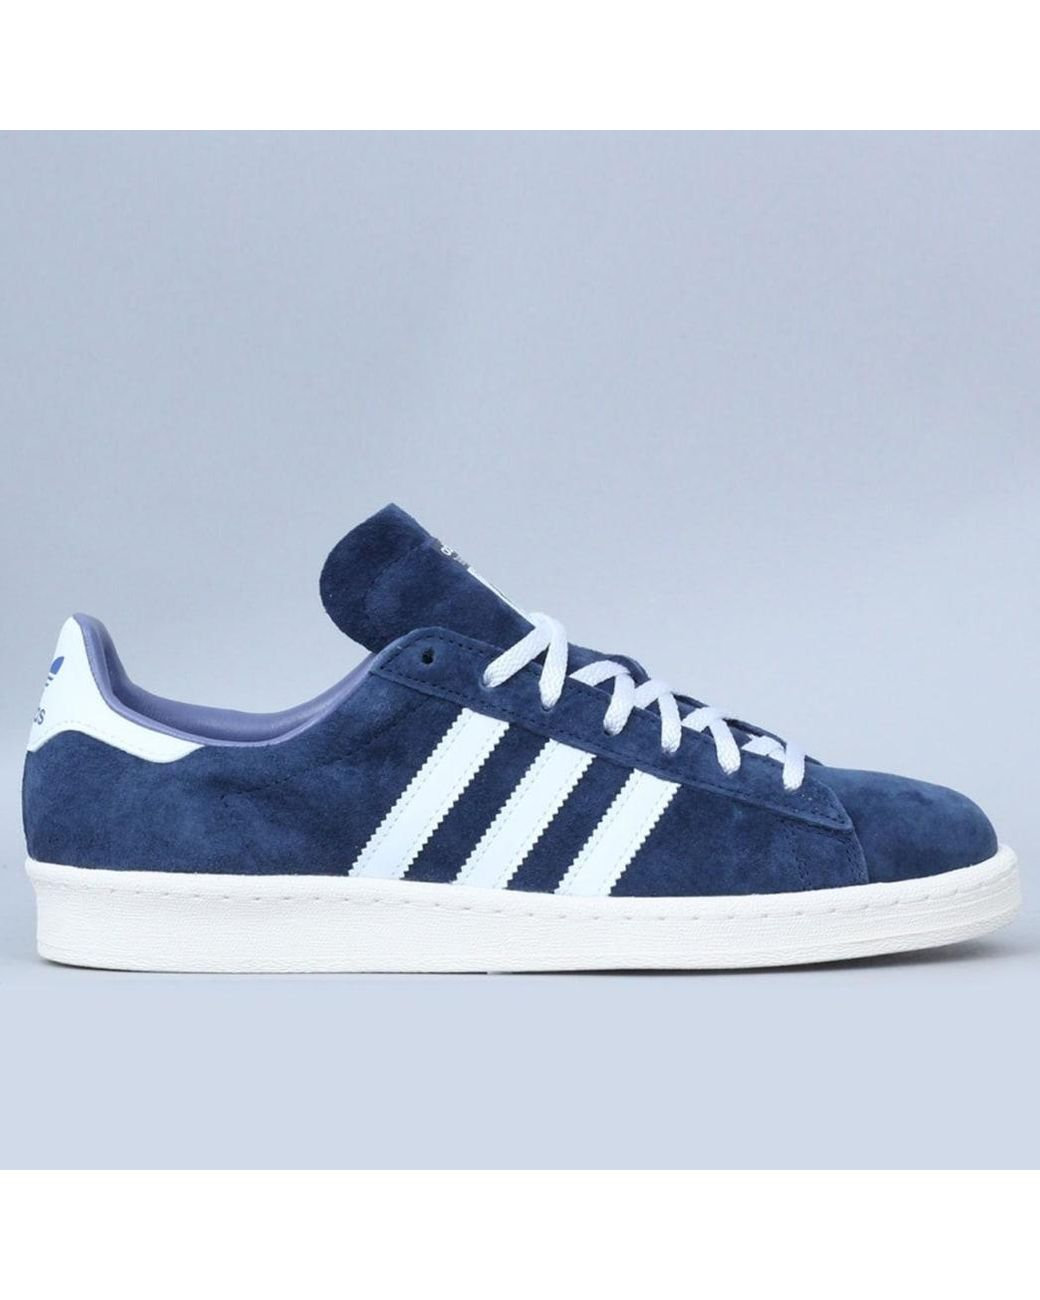 adidas Originals Suede Adidas Campus 80s Ryr Shoes